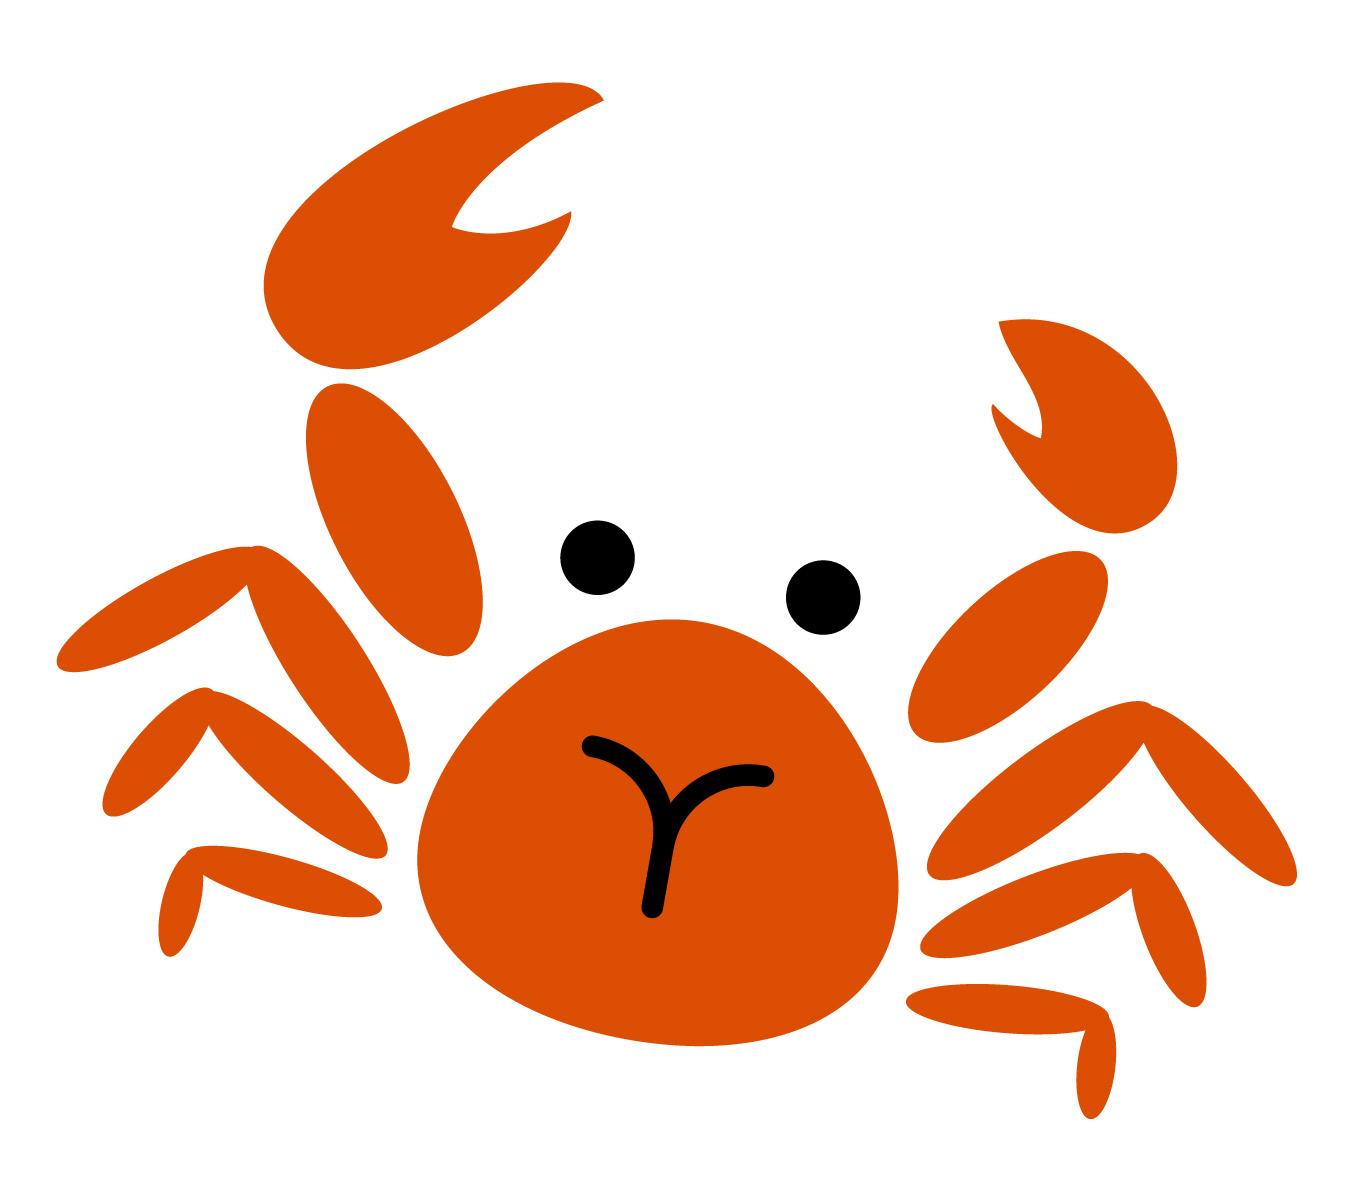 蟹とかいうクッソ食べにくい食べ物🦀